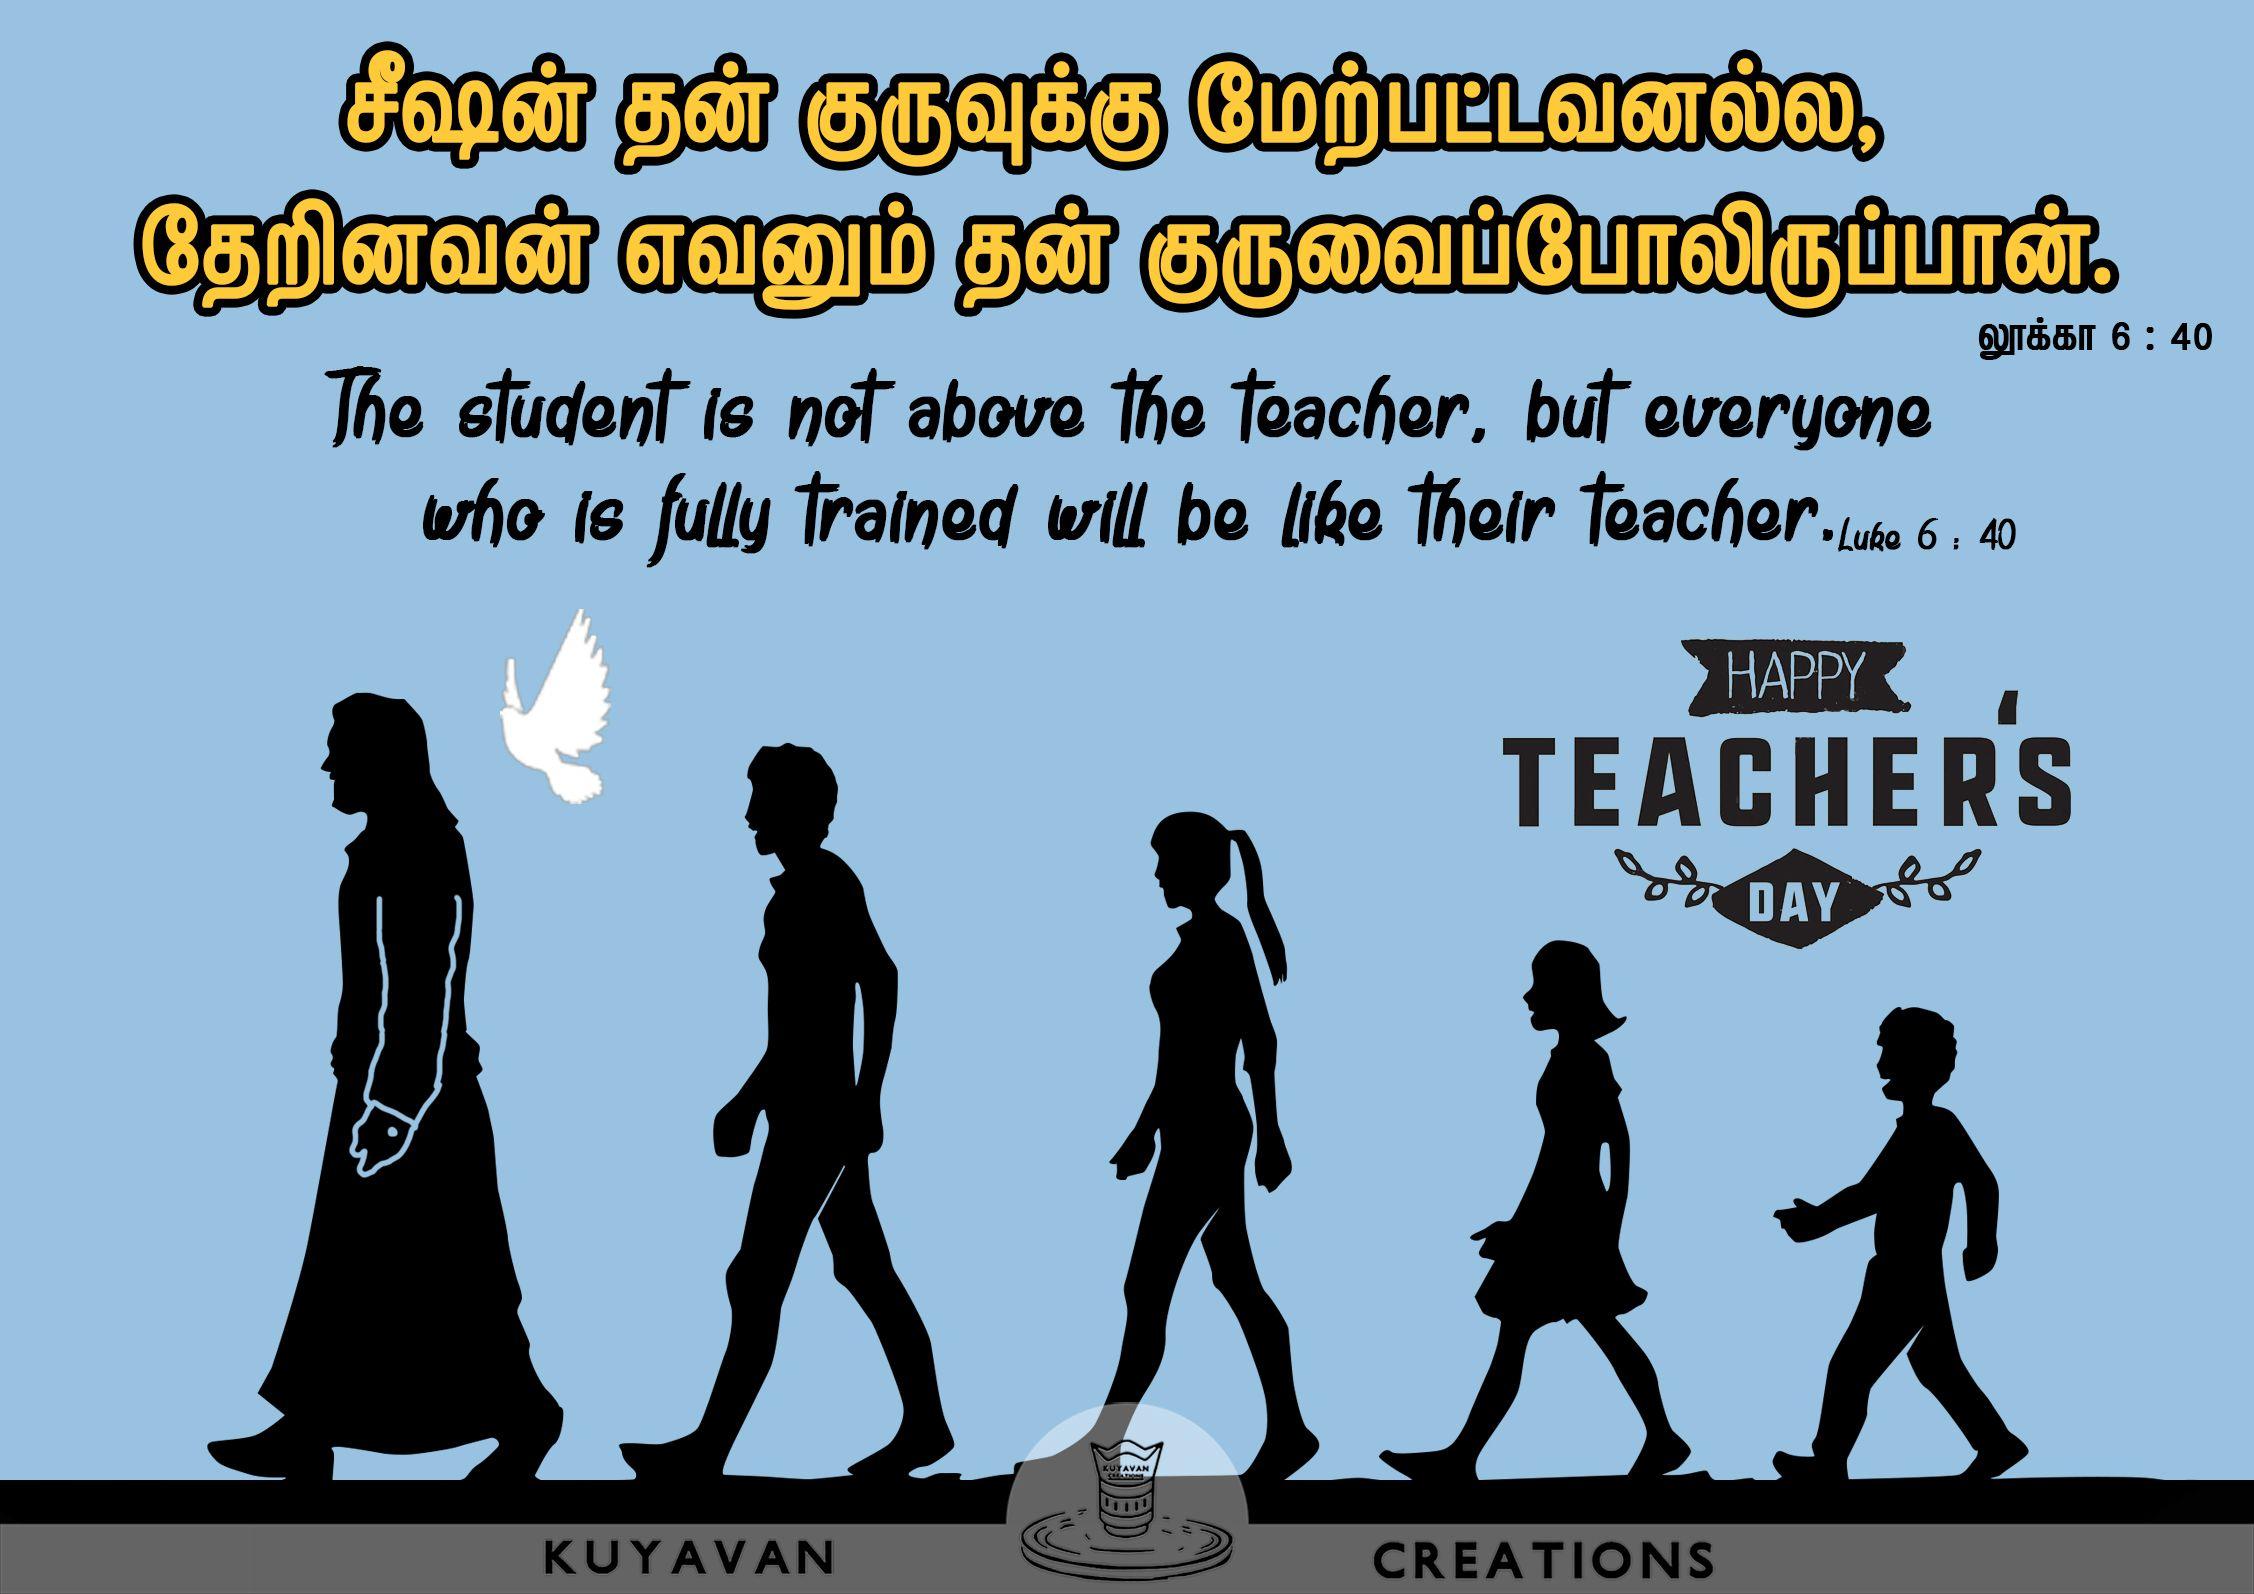 Teachers Day Teachersday Teachers Day Bible Words Happy Teachers Day